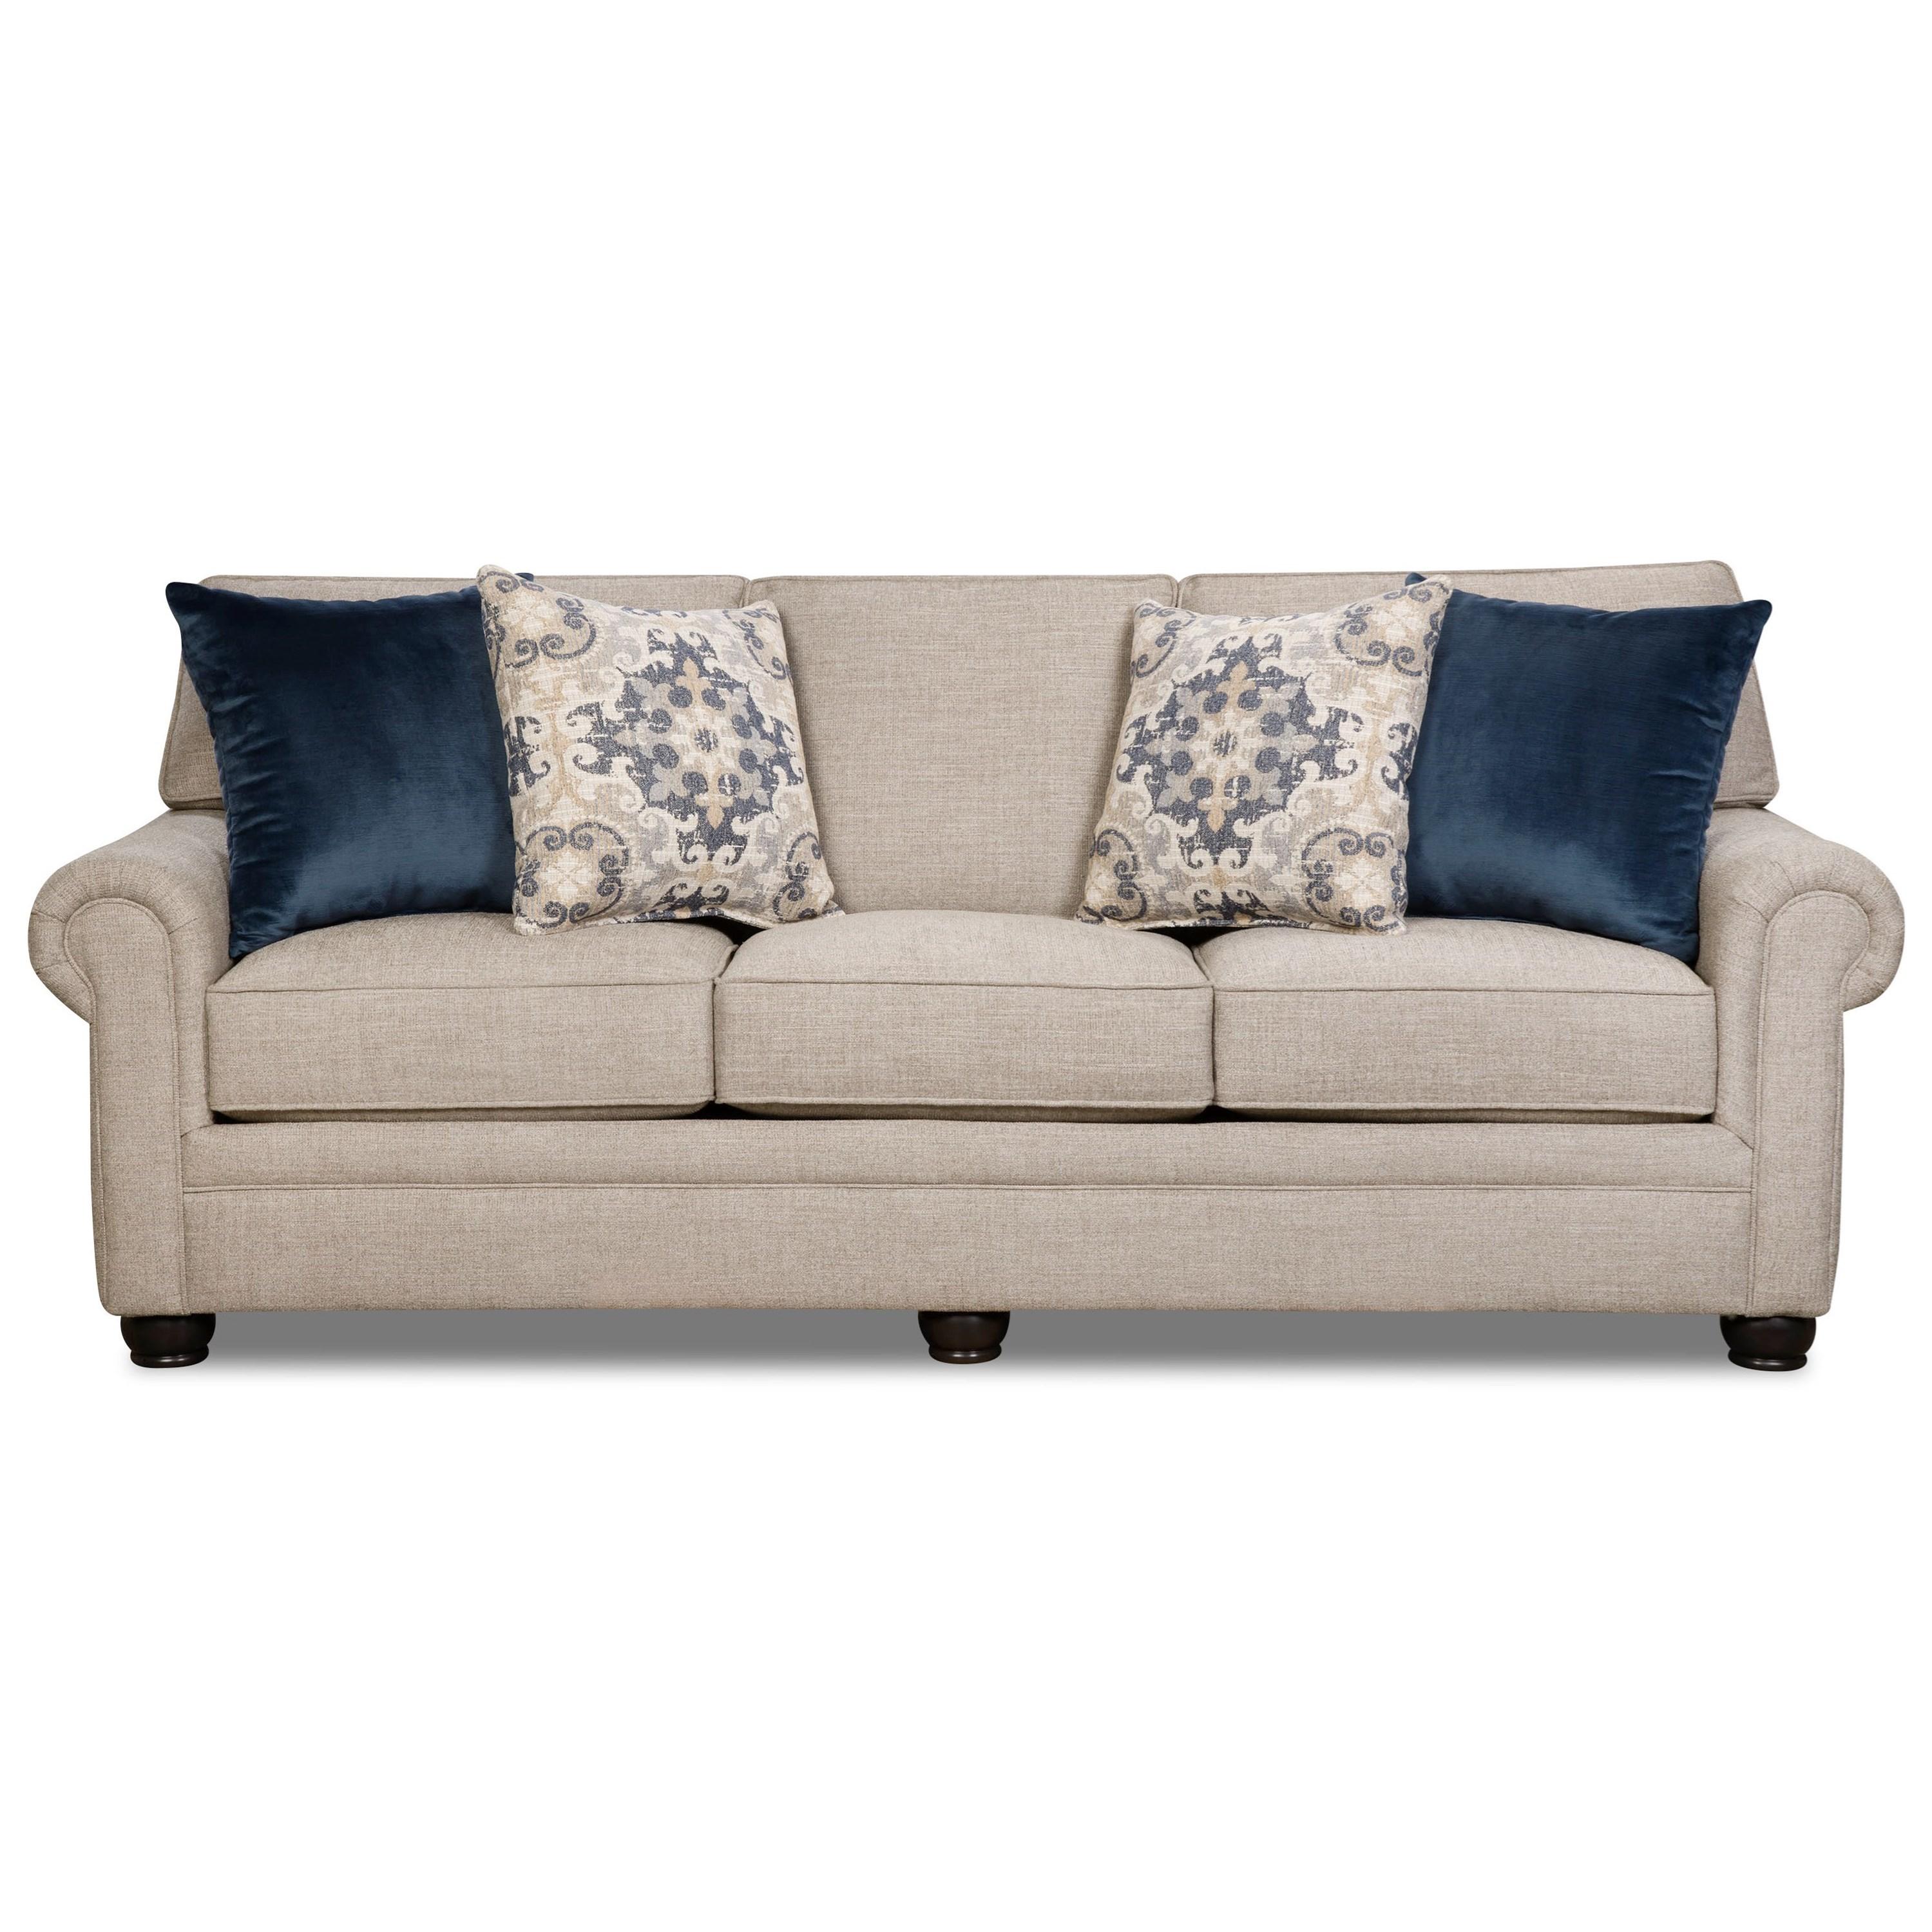 Bennington Queen Sleeper Sofa by Corinthian at Standard Furniture